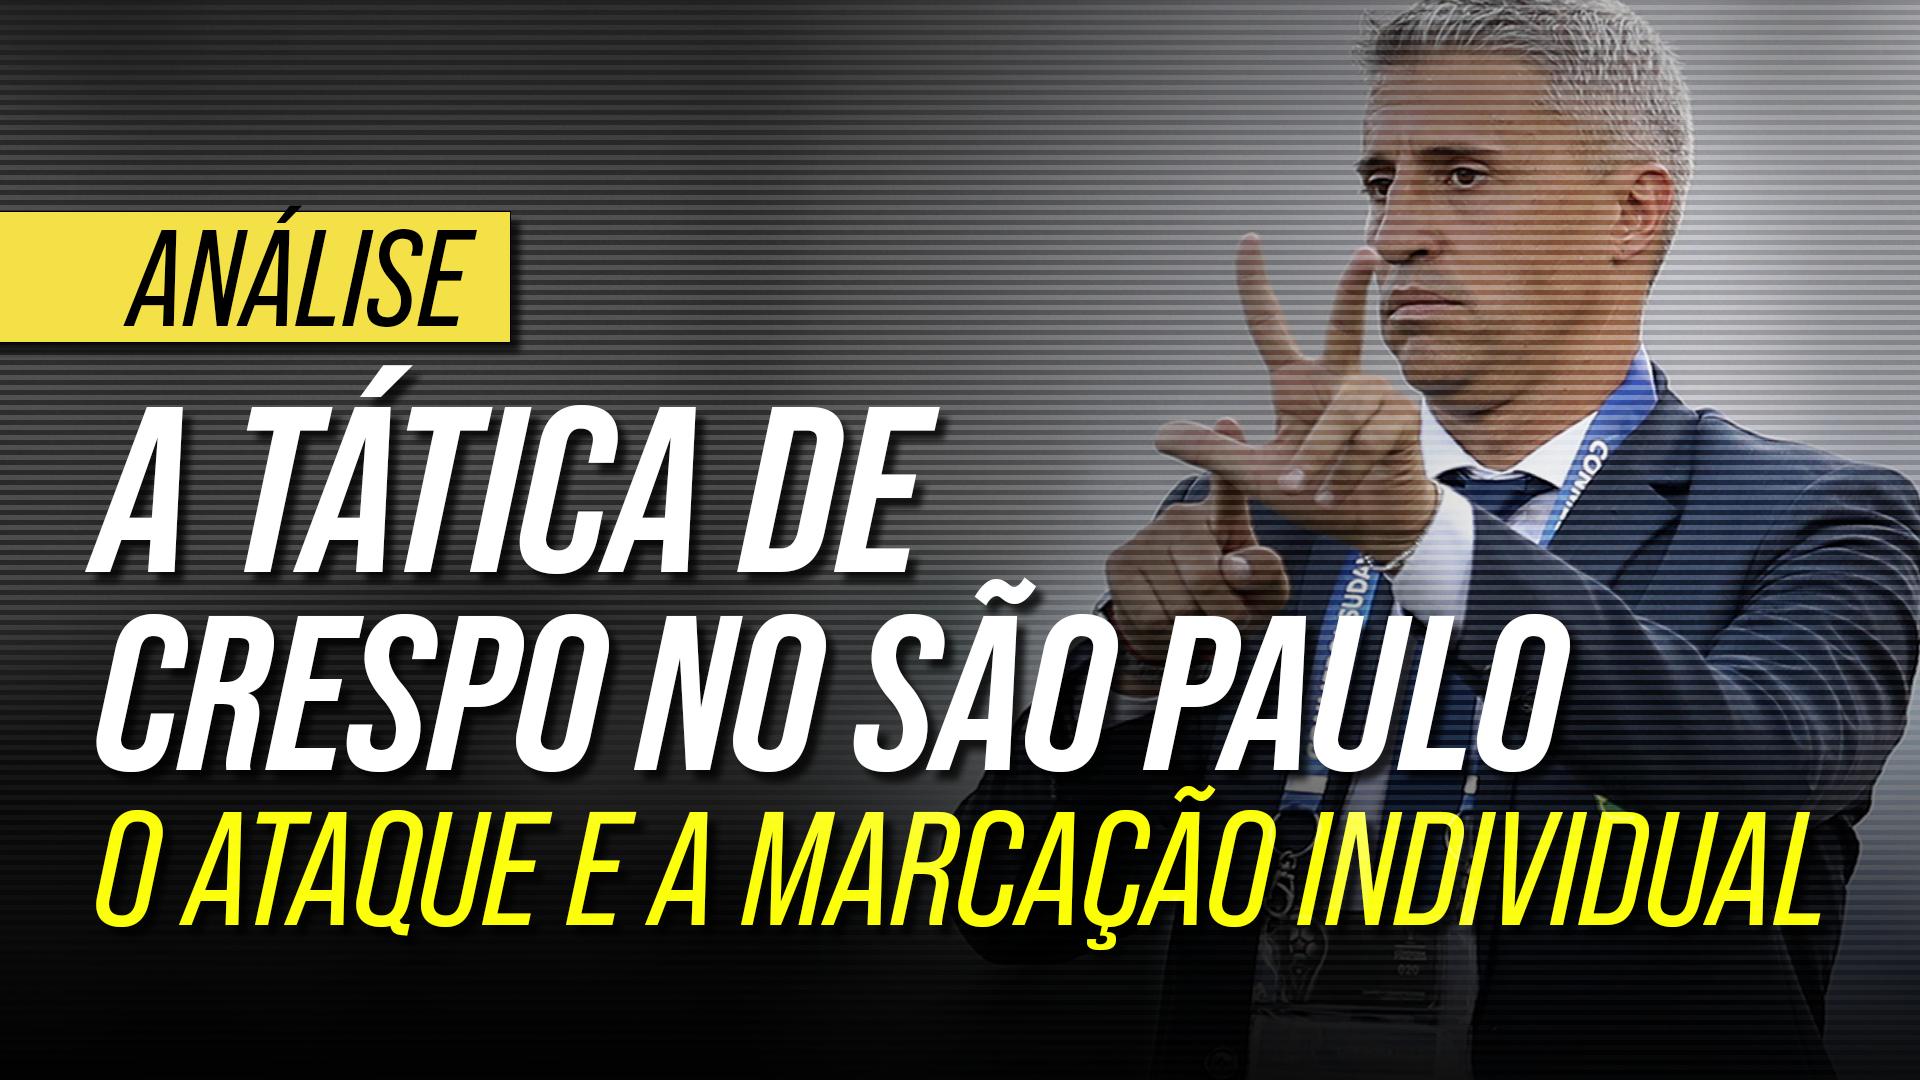 A tática de Crespo no São Paulo: a força da marcação individual e o ataque